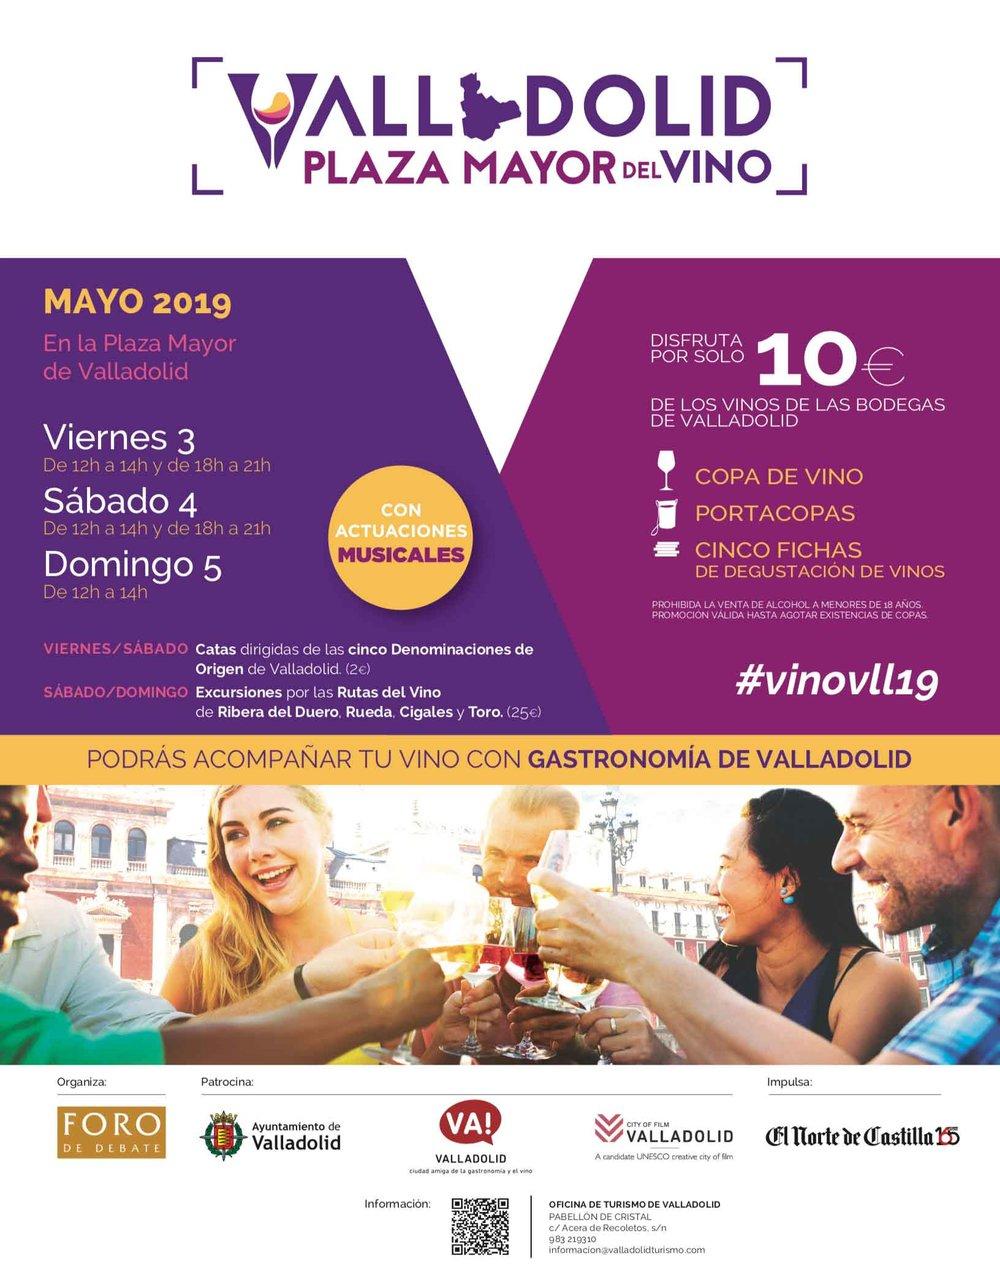 plaza-mayor-vino-valladolid-tarsila.jpg